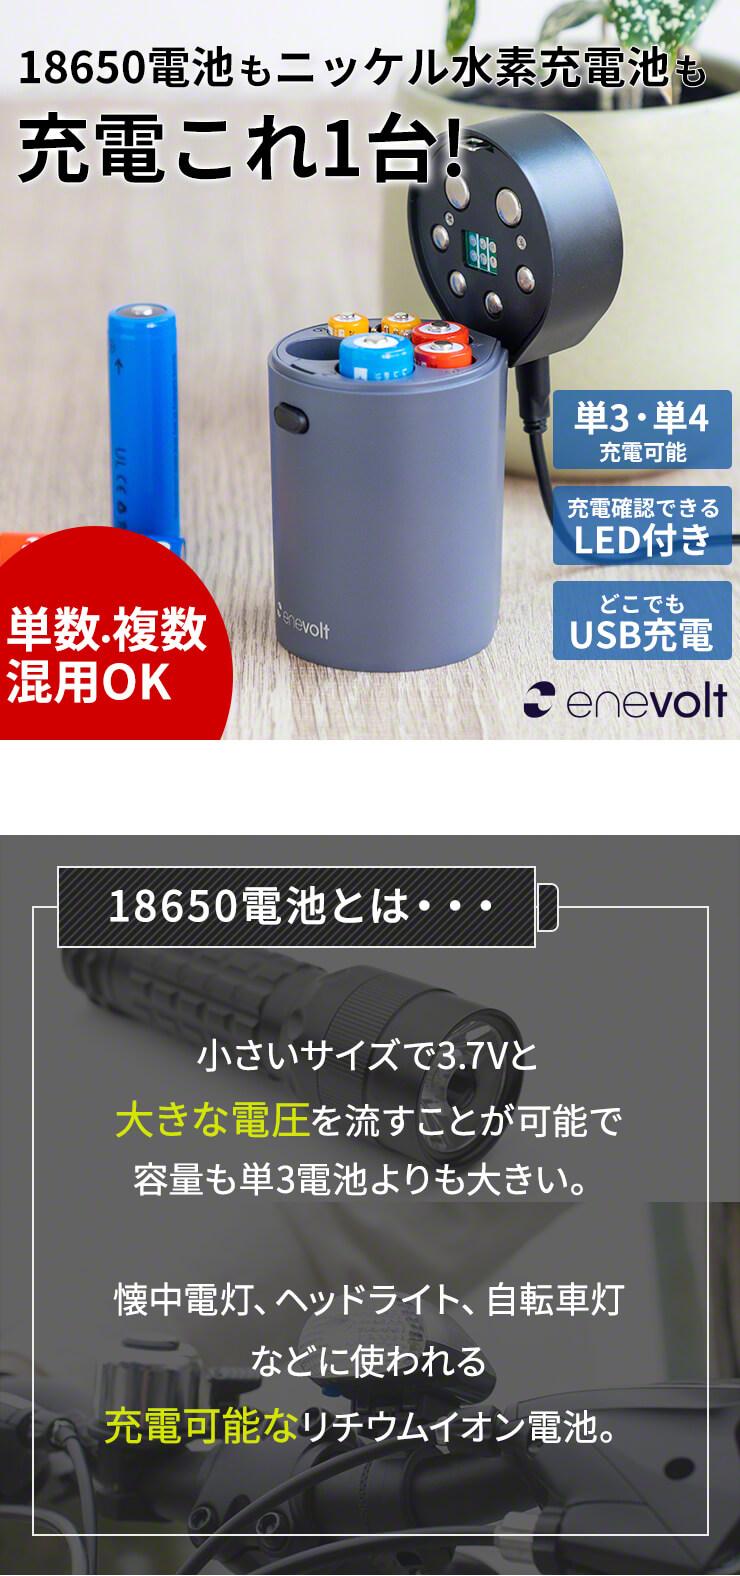 18650電池 ニッケル水素充電池 充電器